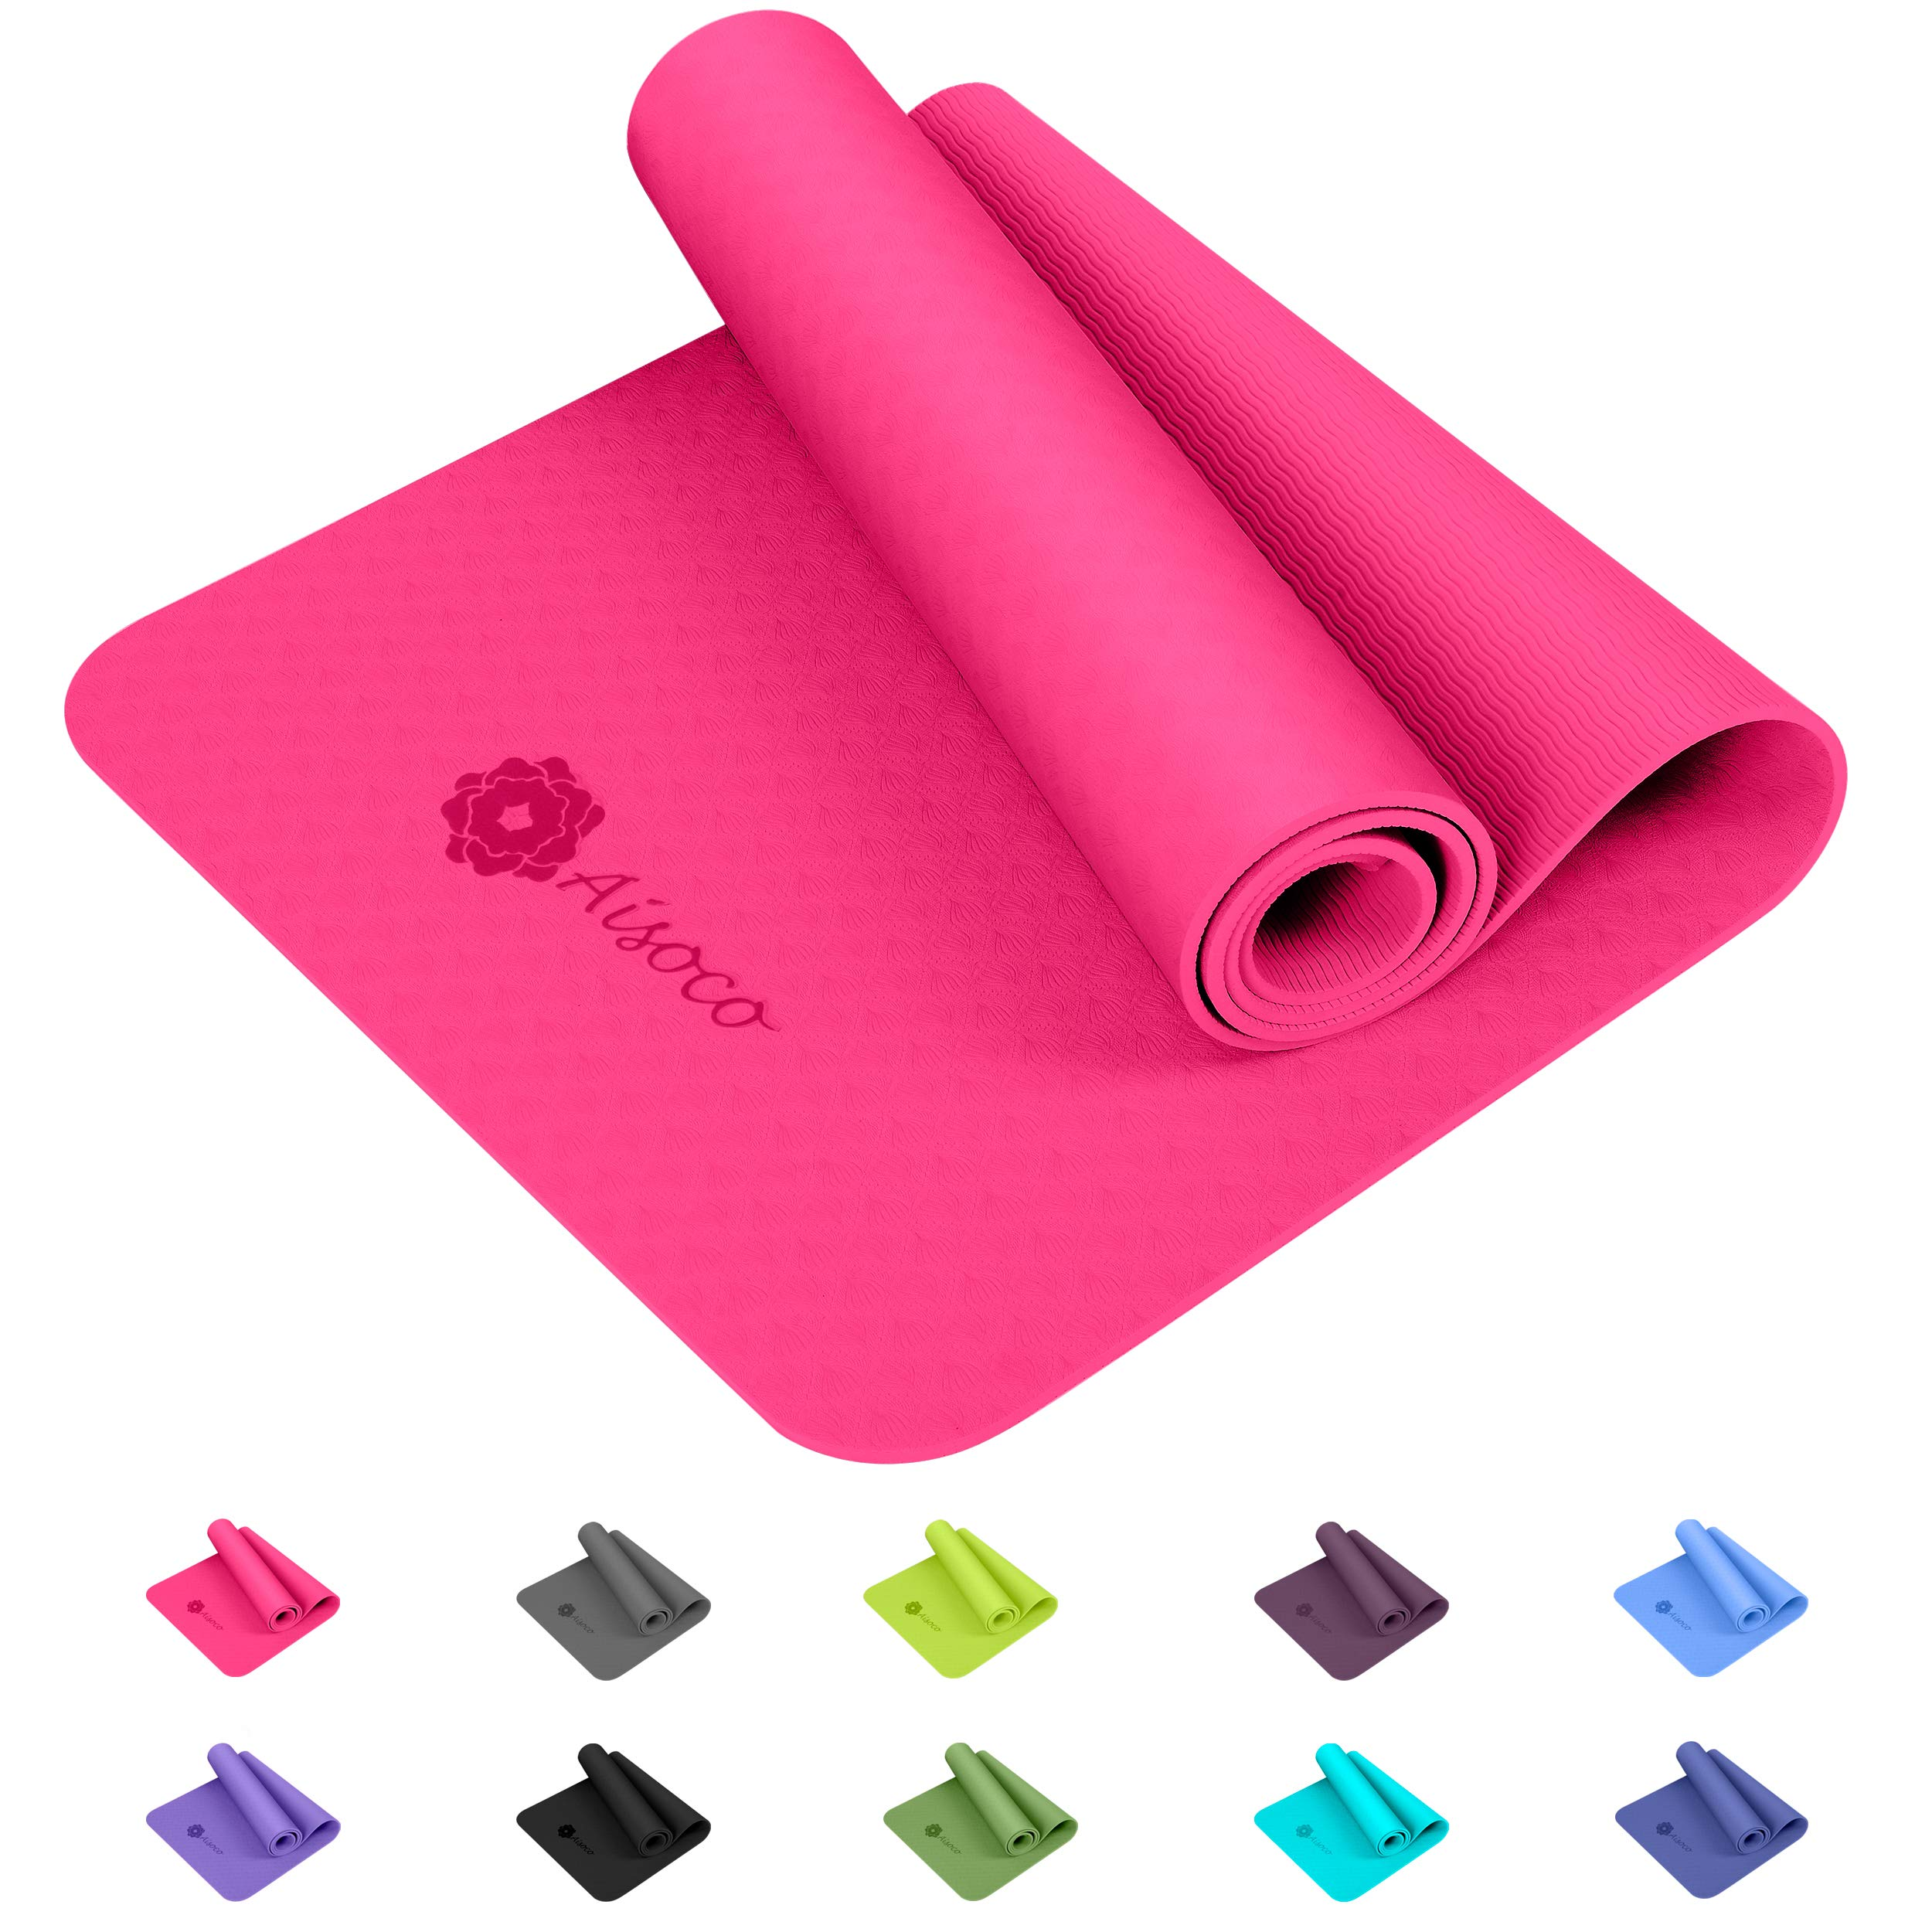 Aisoco Estera de TPE para Yoga - Pilates Mat - Eco Amistoso Mat,Antideslizante, Respetuosa con el Medio Ambiente, con Bolso y Correa de Transporte product image